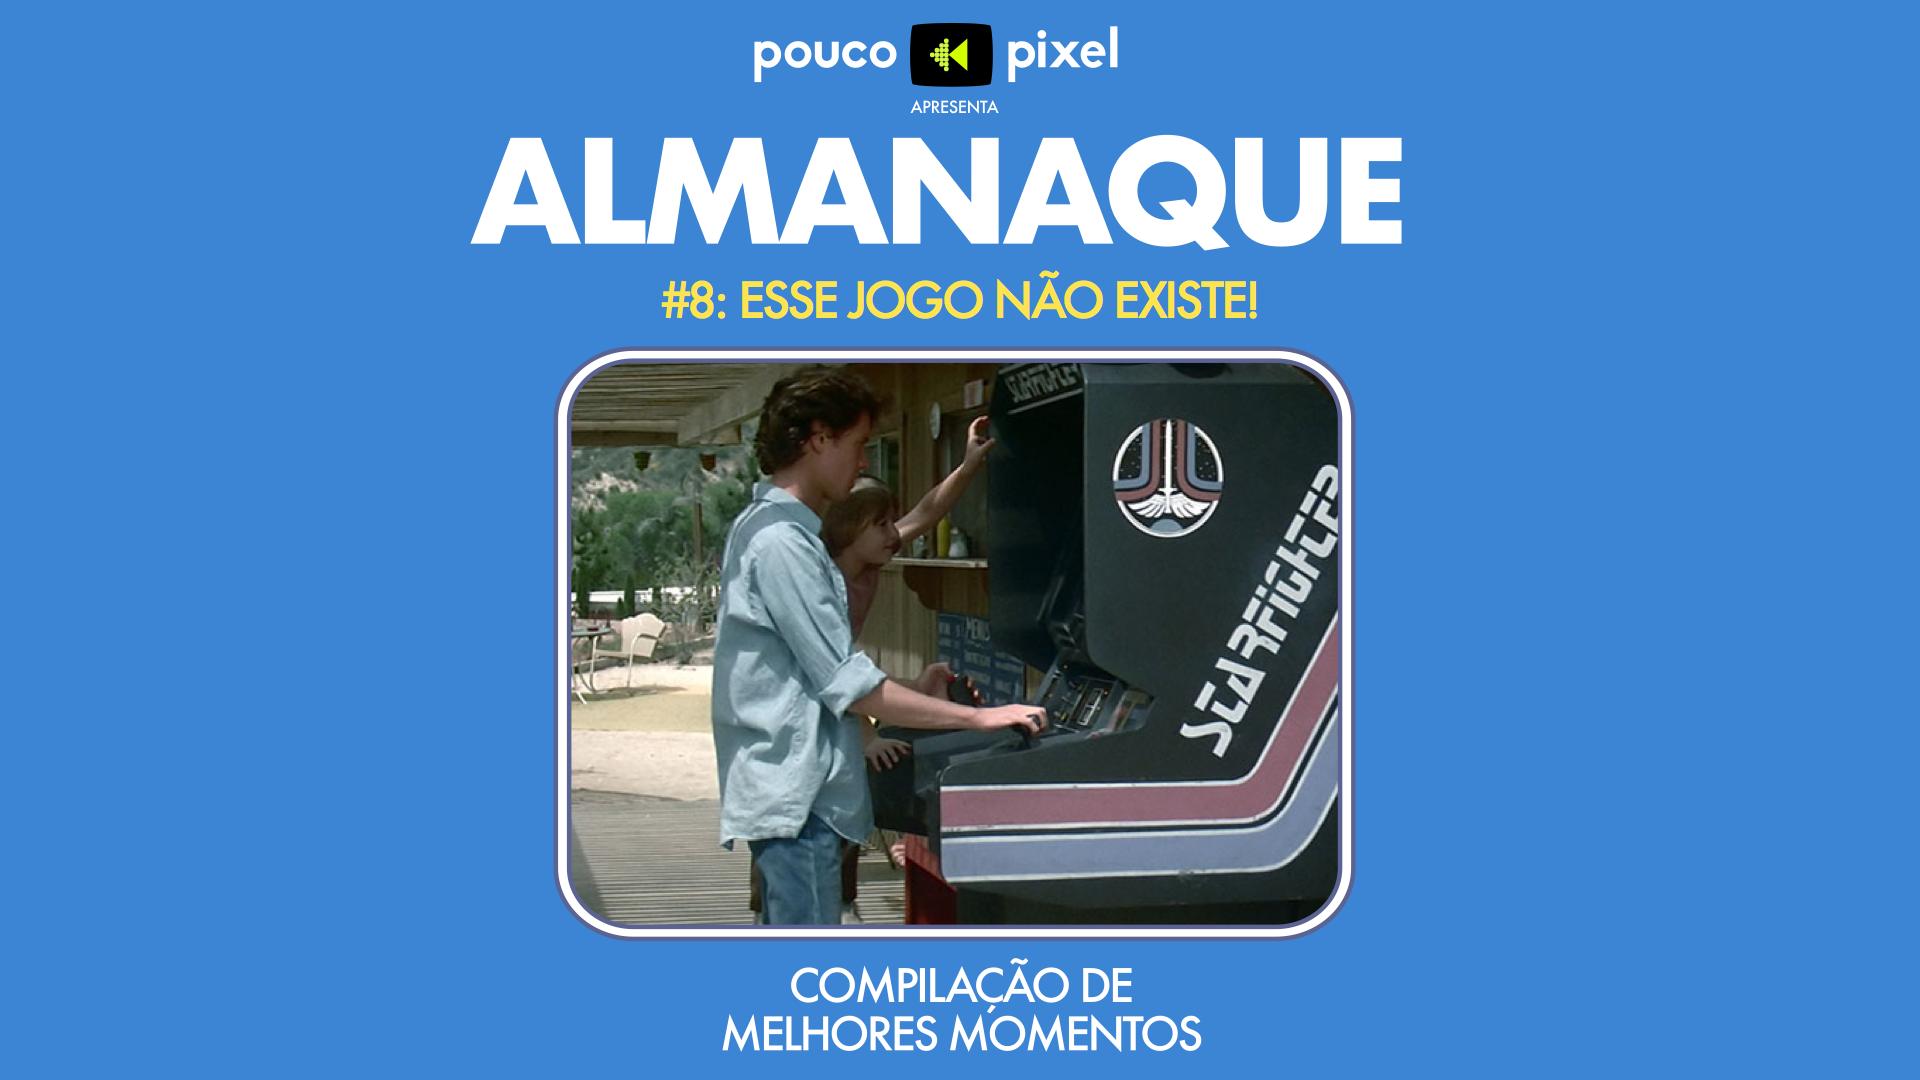 Capa - Almanaque 8 - Esse jogo não existe!